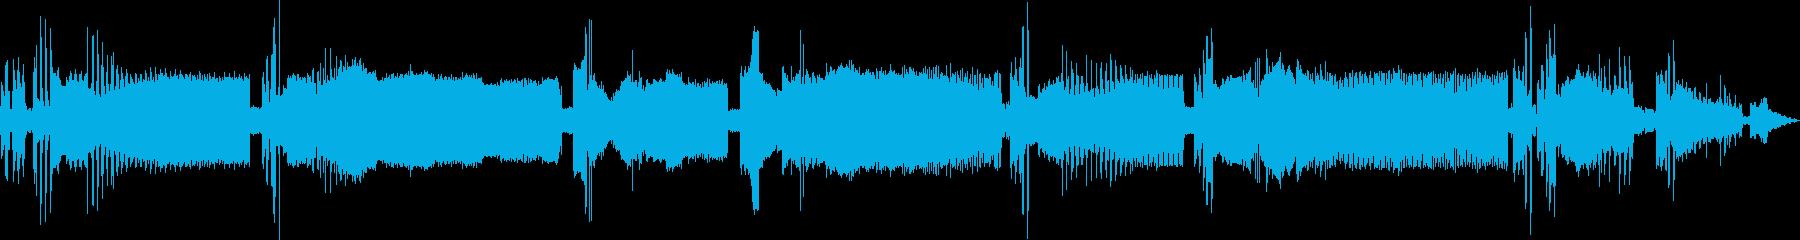 壊れた宇宙通信テクスチャの再生済みの波形